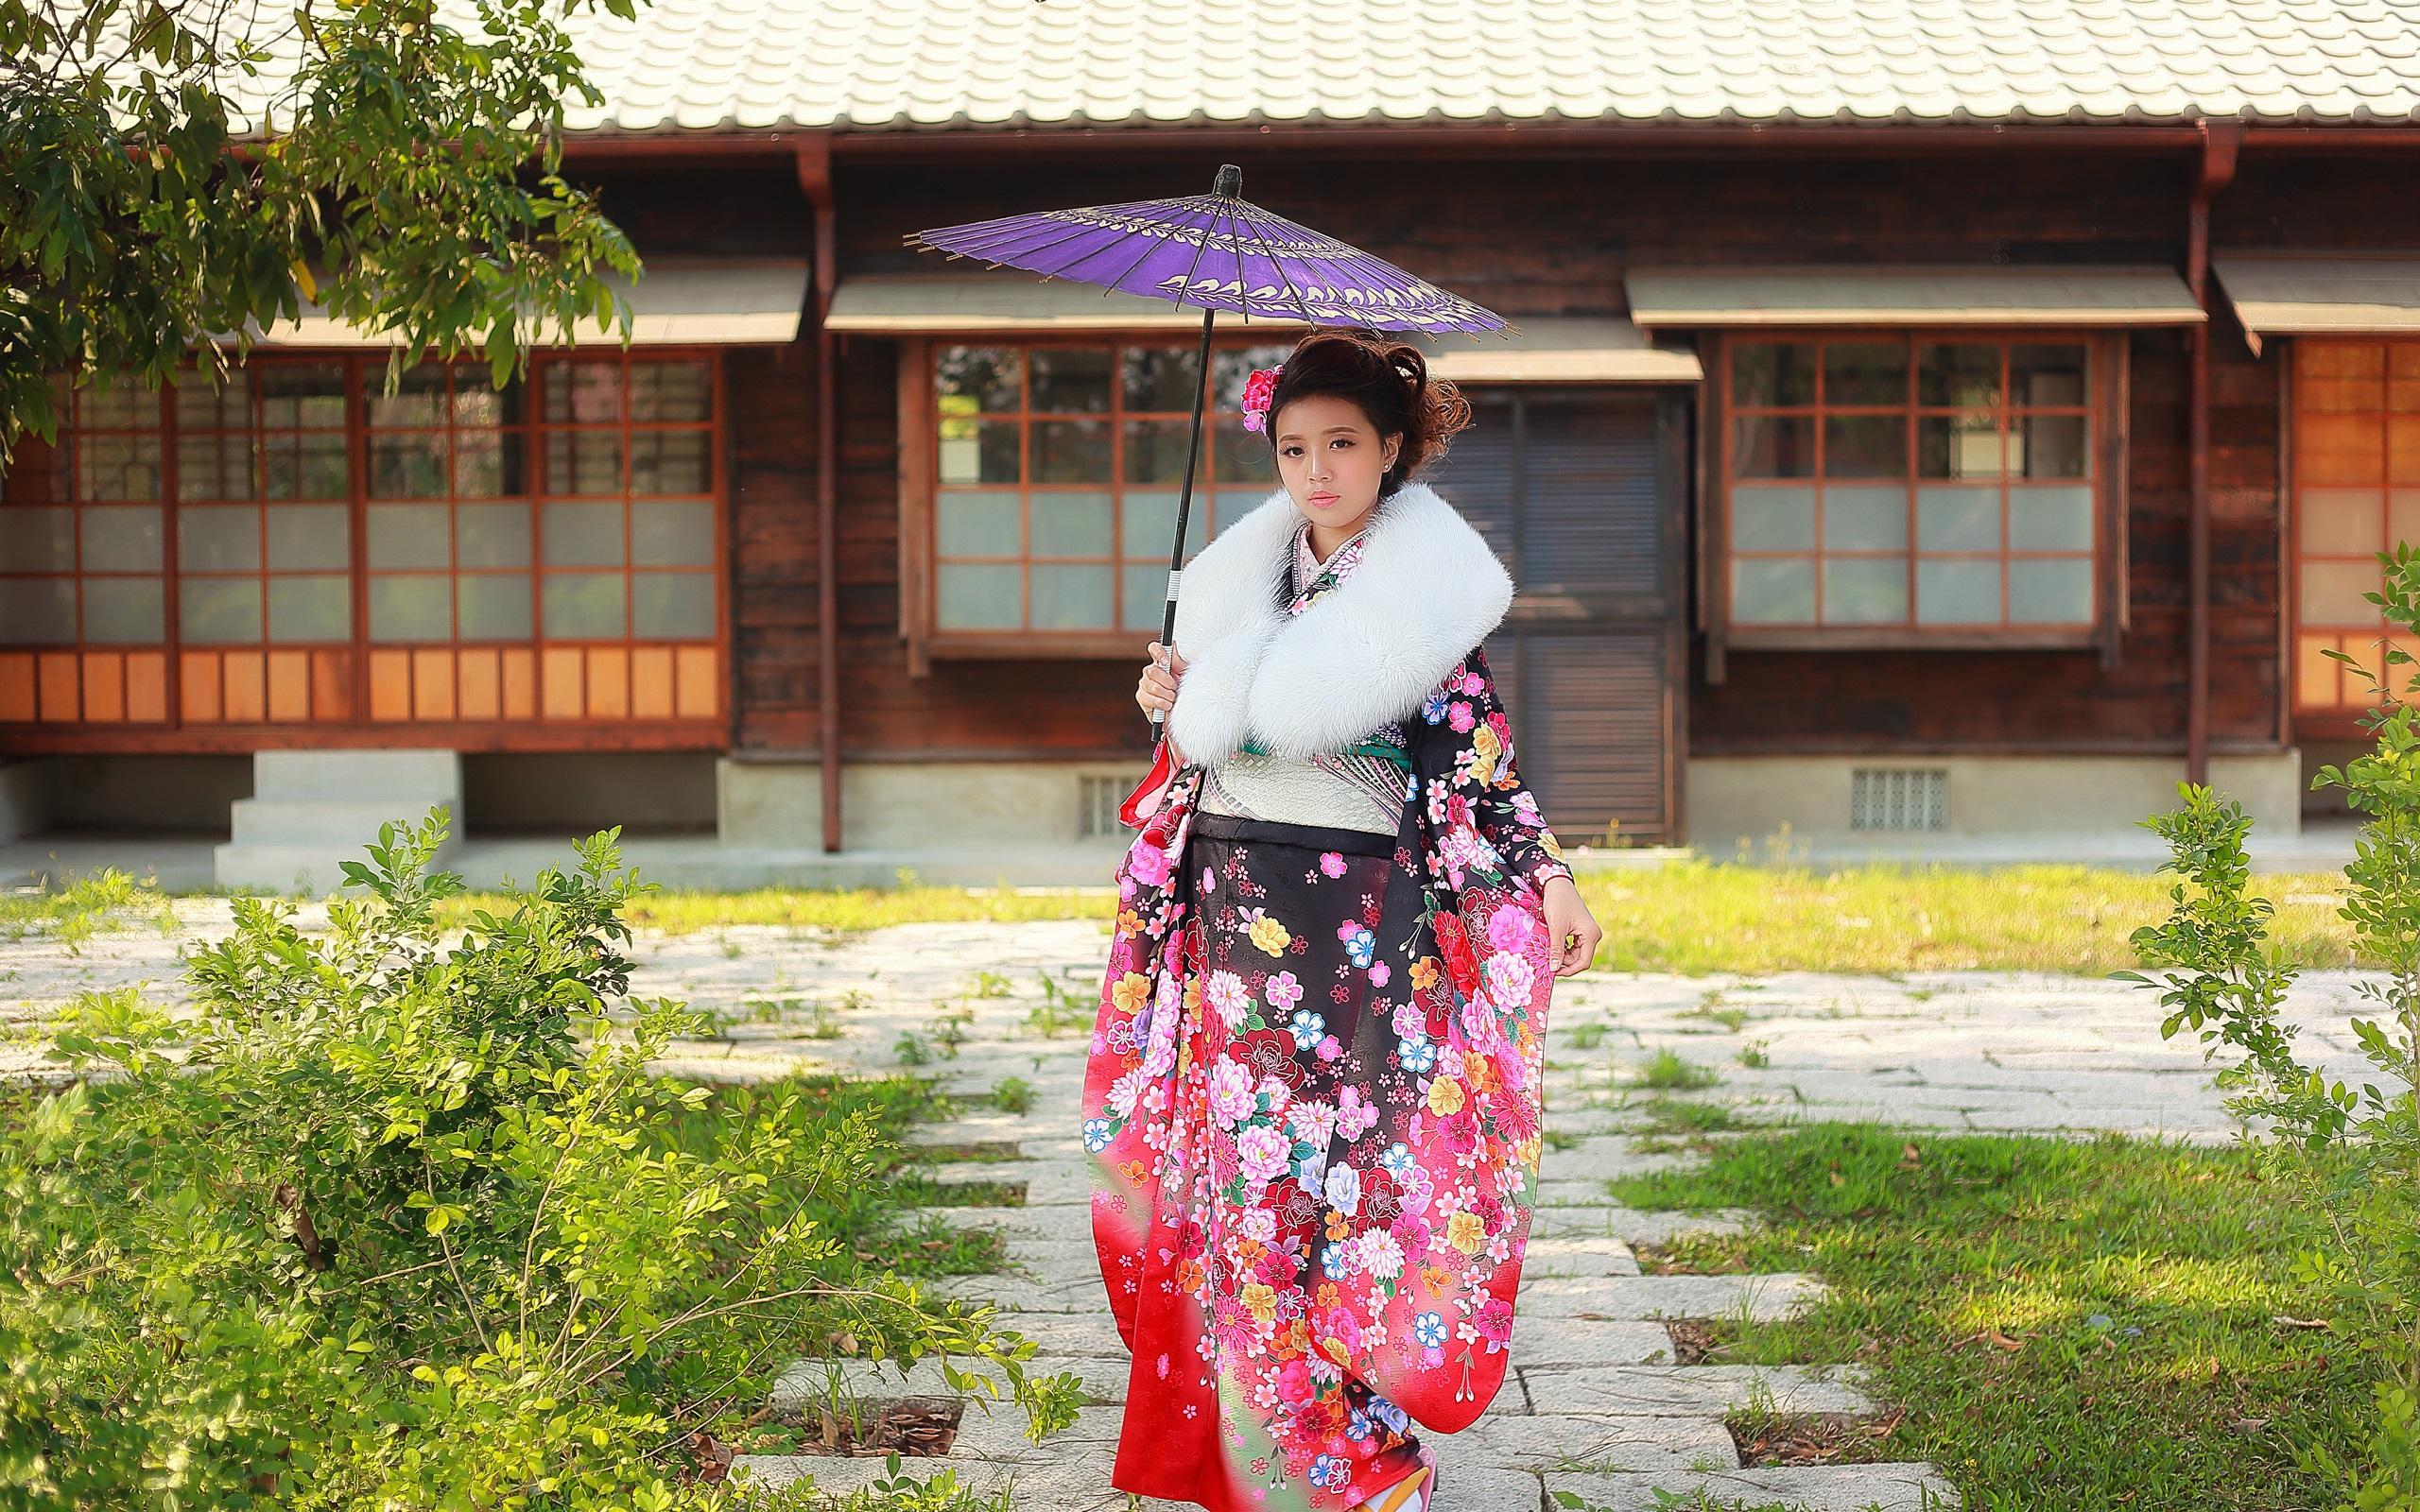 壁紙 日本の女の子 着物 傘 2560x1600 Hd 無料のデスクトップの背景